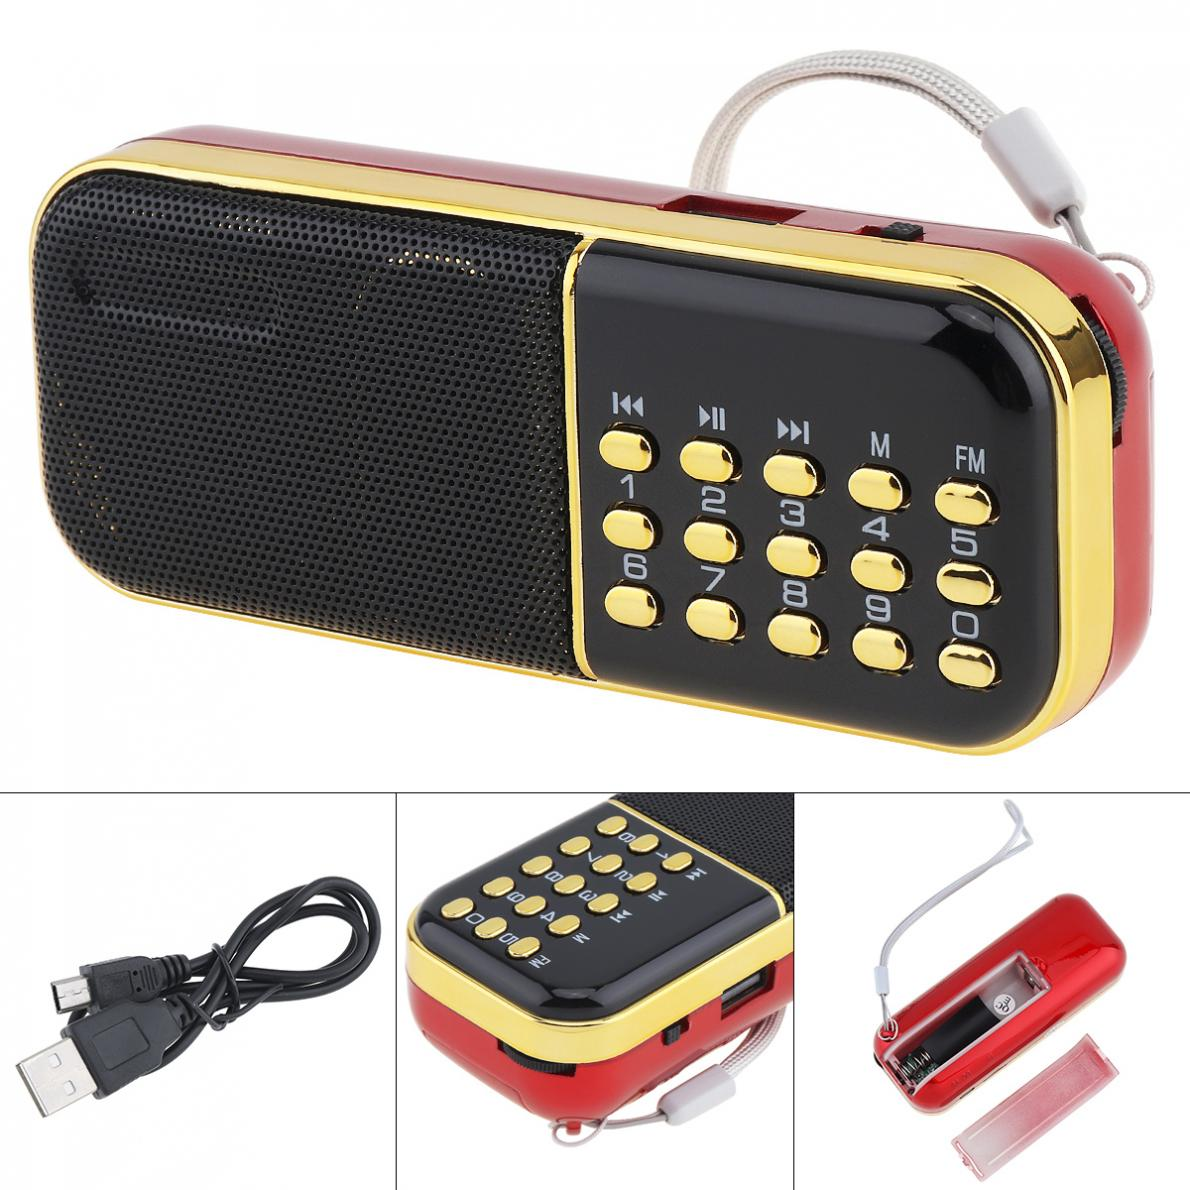 Unterhaltungselektronik Einfach E28 Tragbare Radio Mini Audio Karte Lautsprecher Fm Radio Mit 3,5mm Kopfhörer Jack Für Home/outdoor Radio